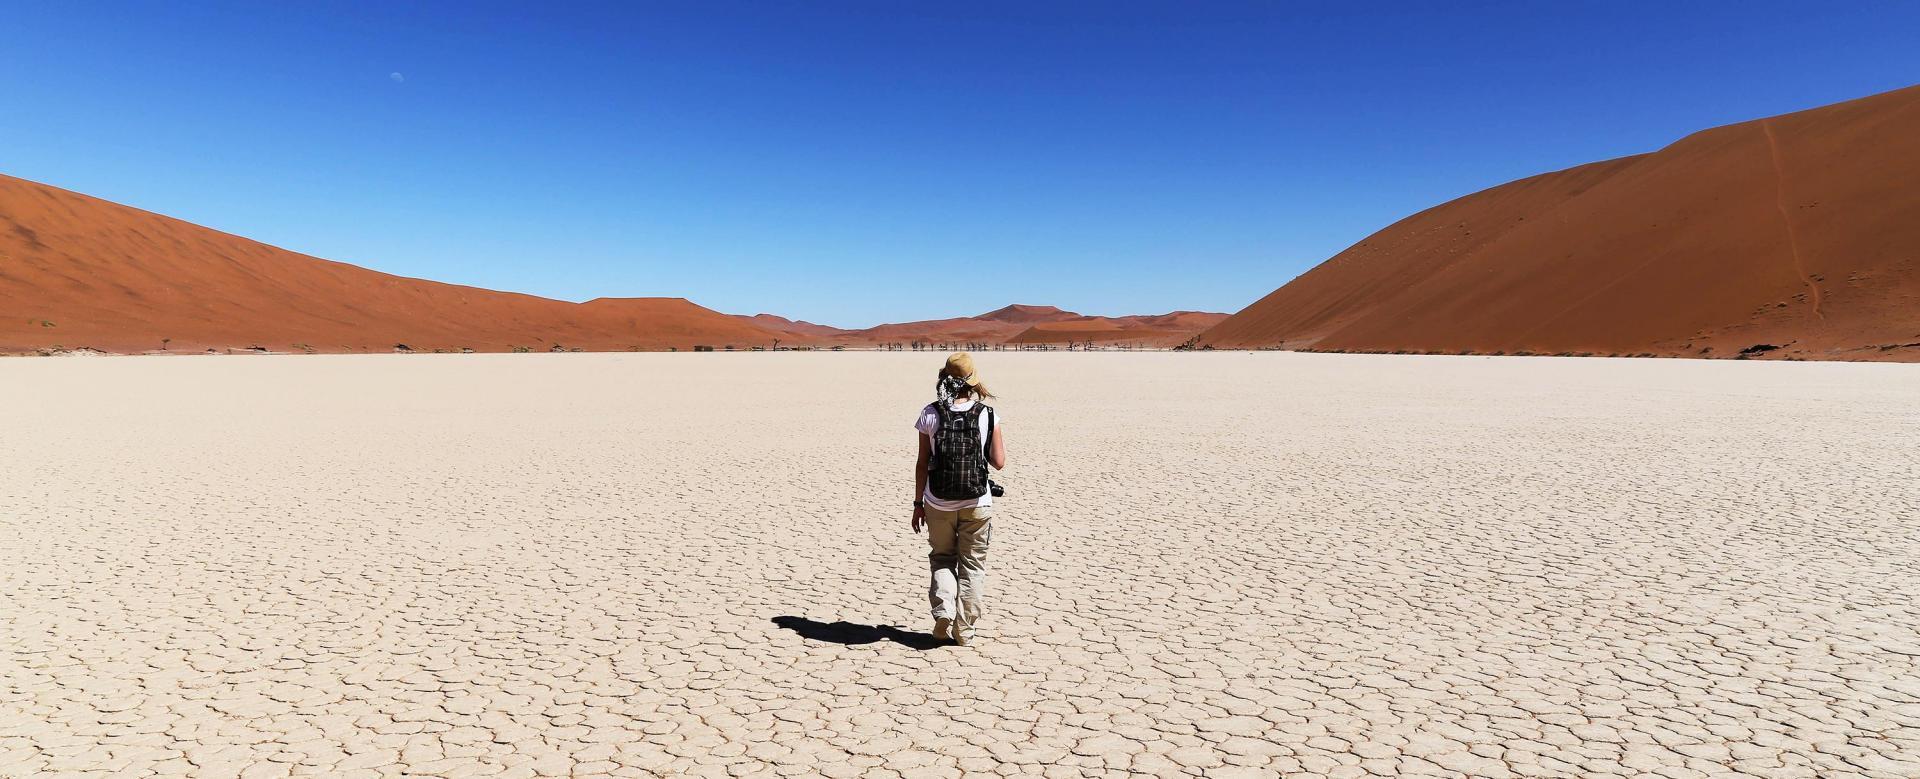 Voyage à pied : Grande randonnée en namibie